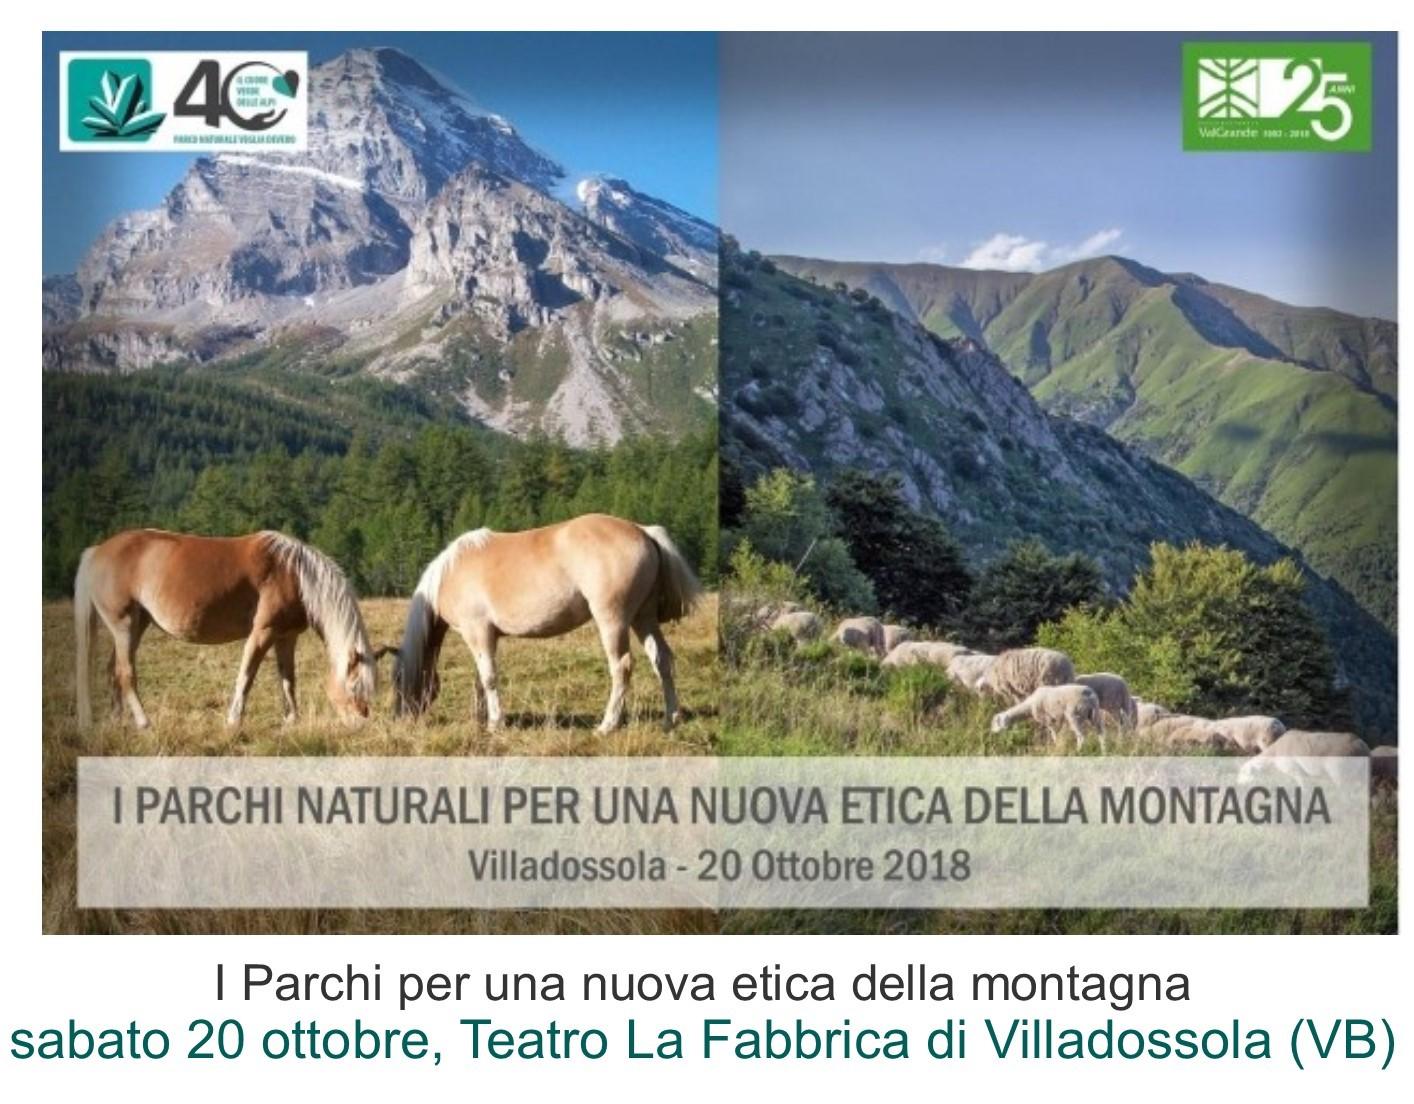 I Parchi per una nuova etica della montagna